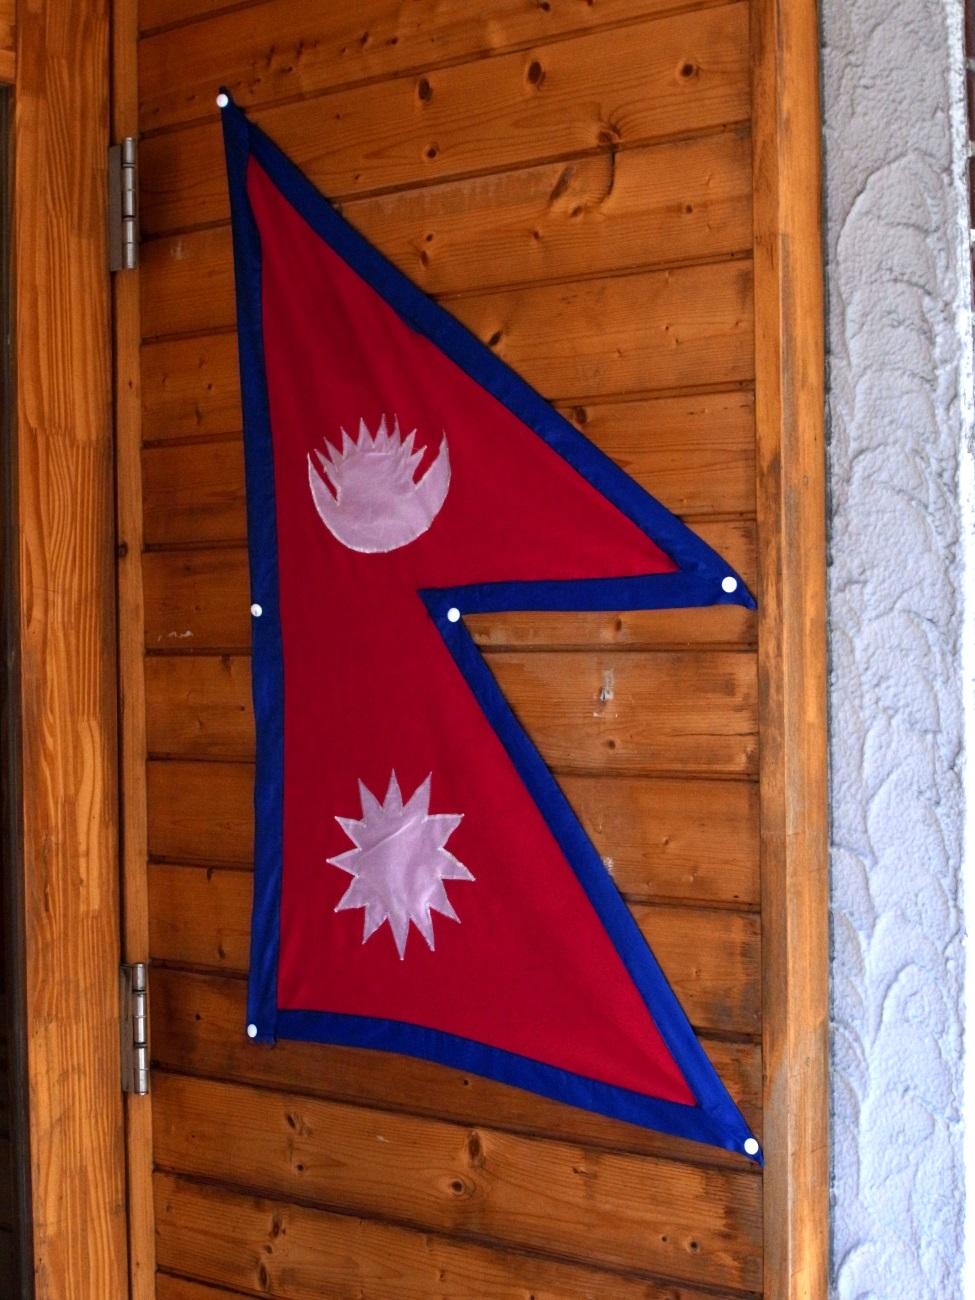 棚からマトンサグ〔DIAMOND STAR(ダイヤモンド スター)/ネパール・インド料理/地下鉄四つ橋線北加賀屋駅〕_f0195971_11445436.jpg